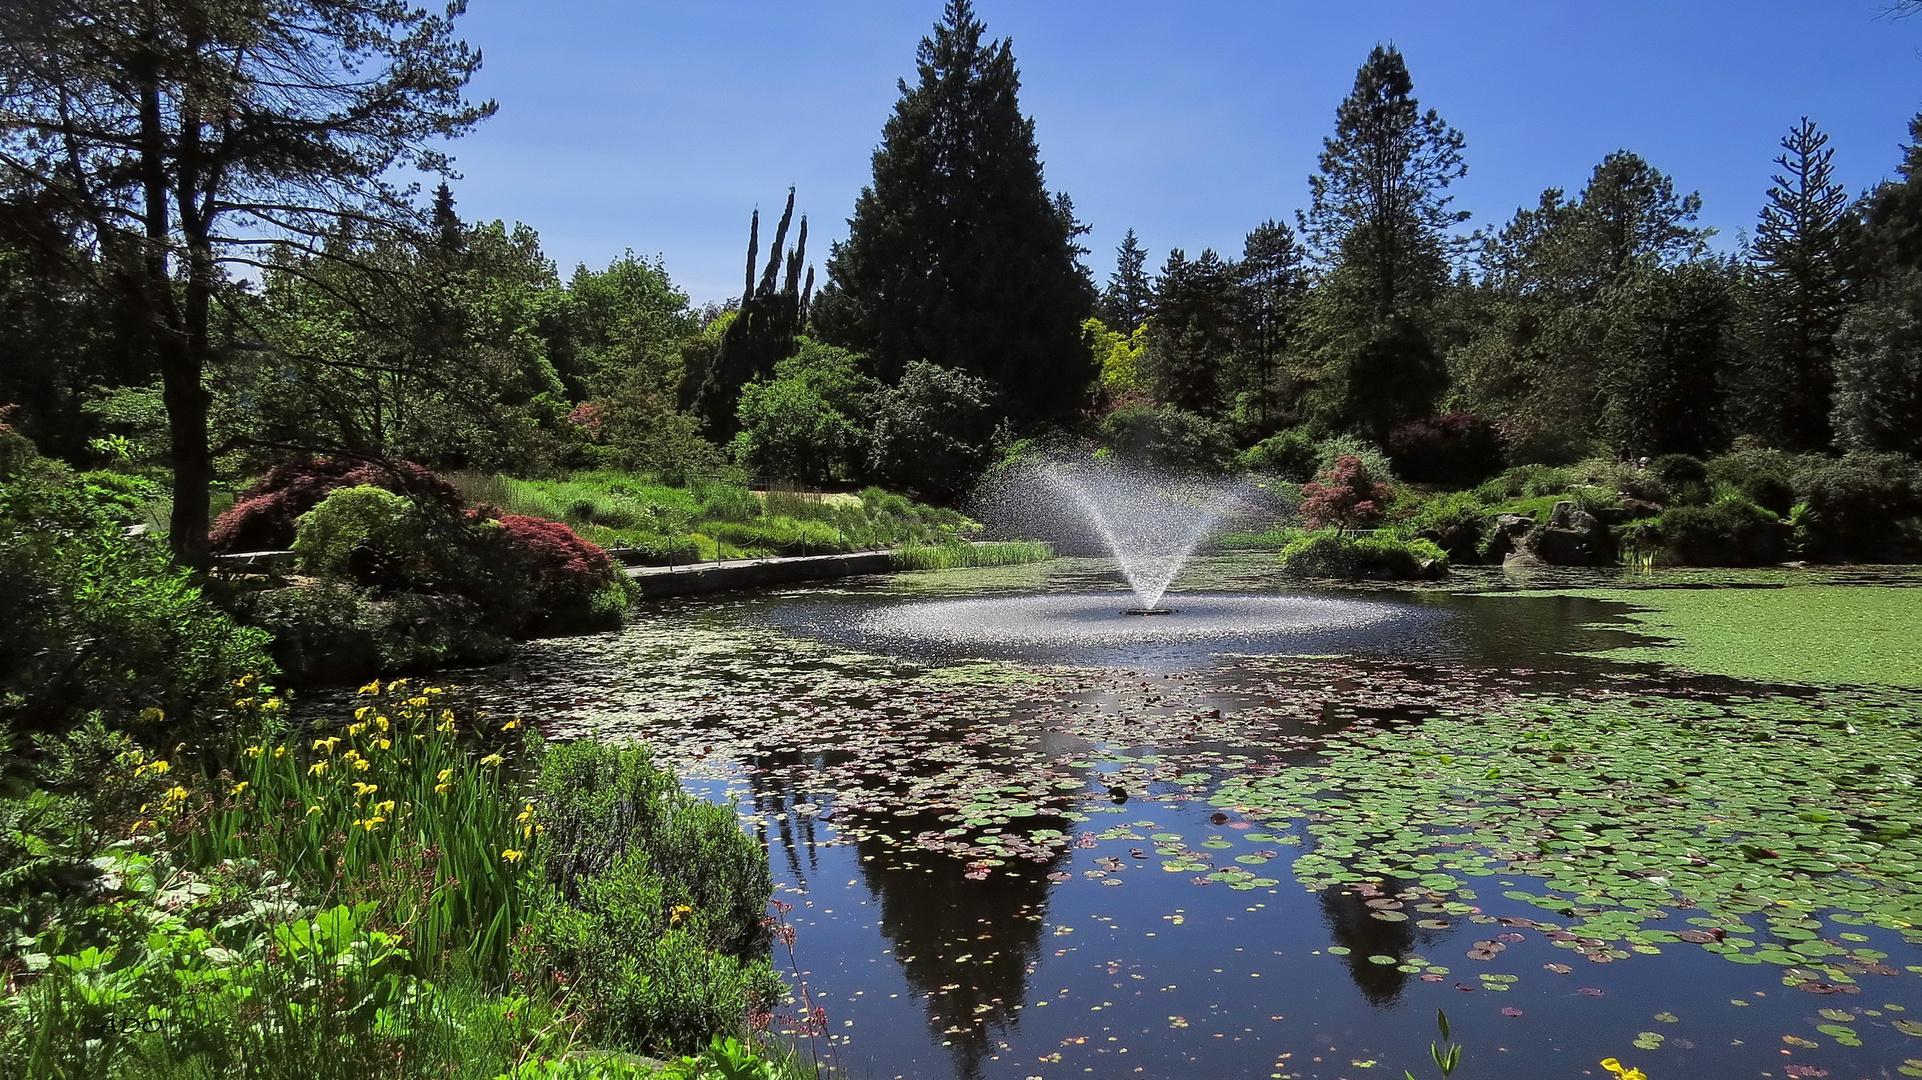 My Park